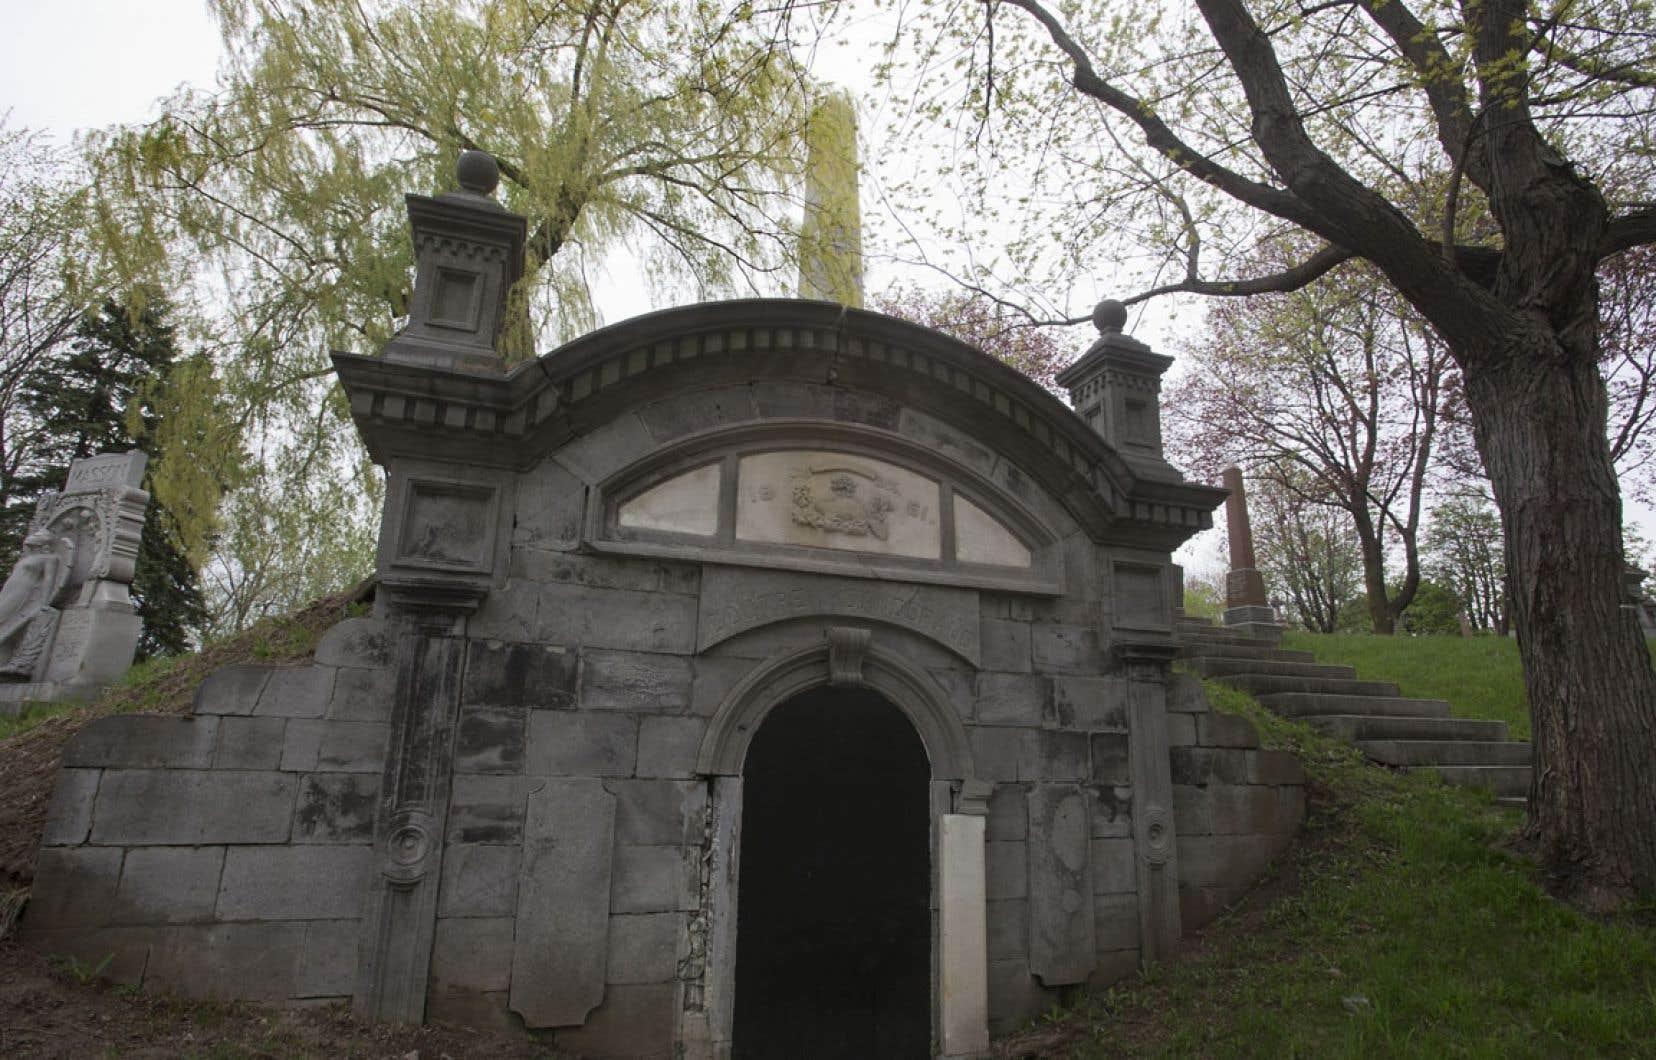 Alain Tremblay pense que les restes se trouvent dans le caveau des familles Doutre et Dandurand, au pied du monument consacré aux victimes de la rébellion des patriotes de 1837-1838.